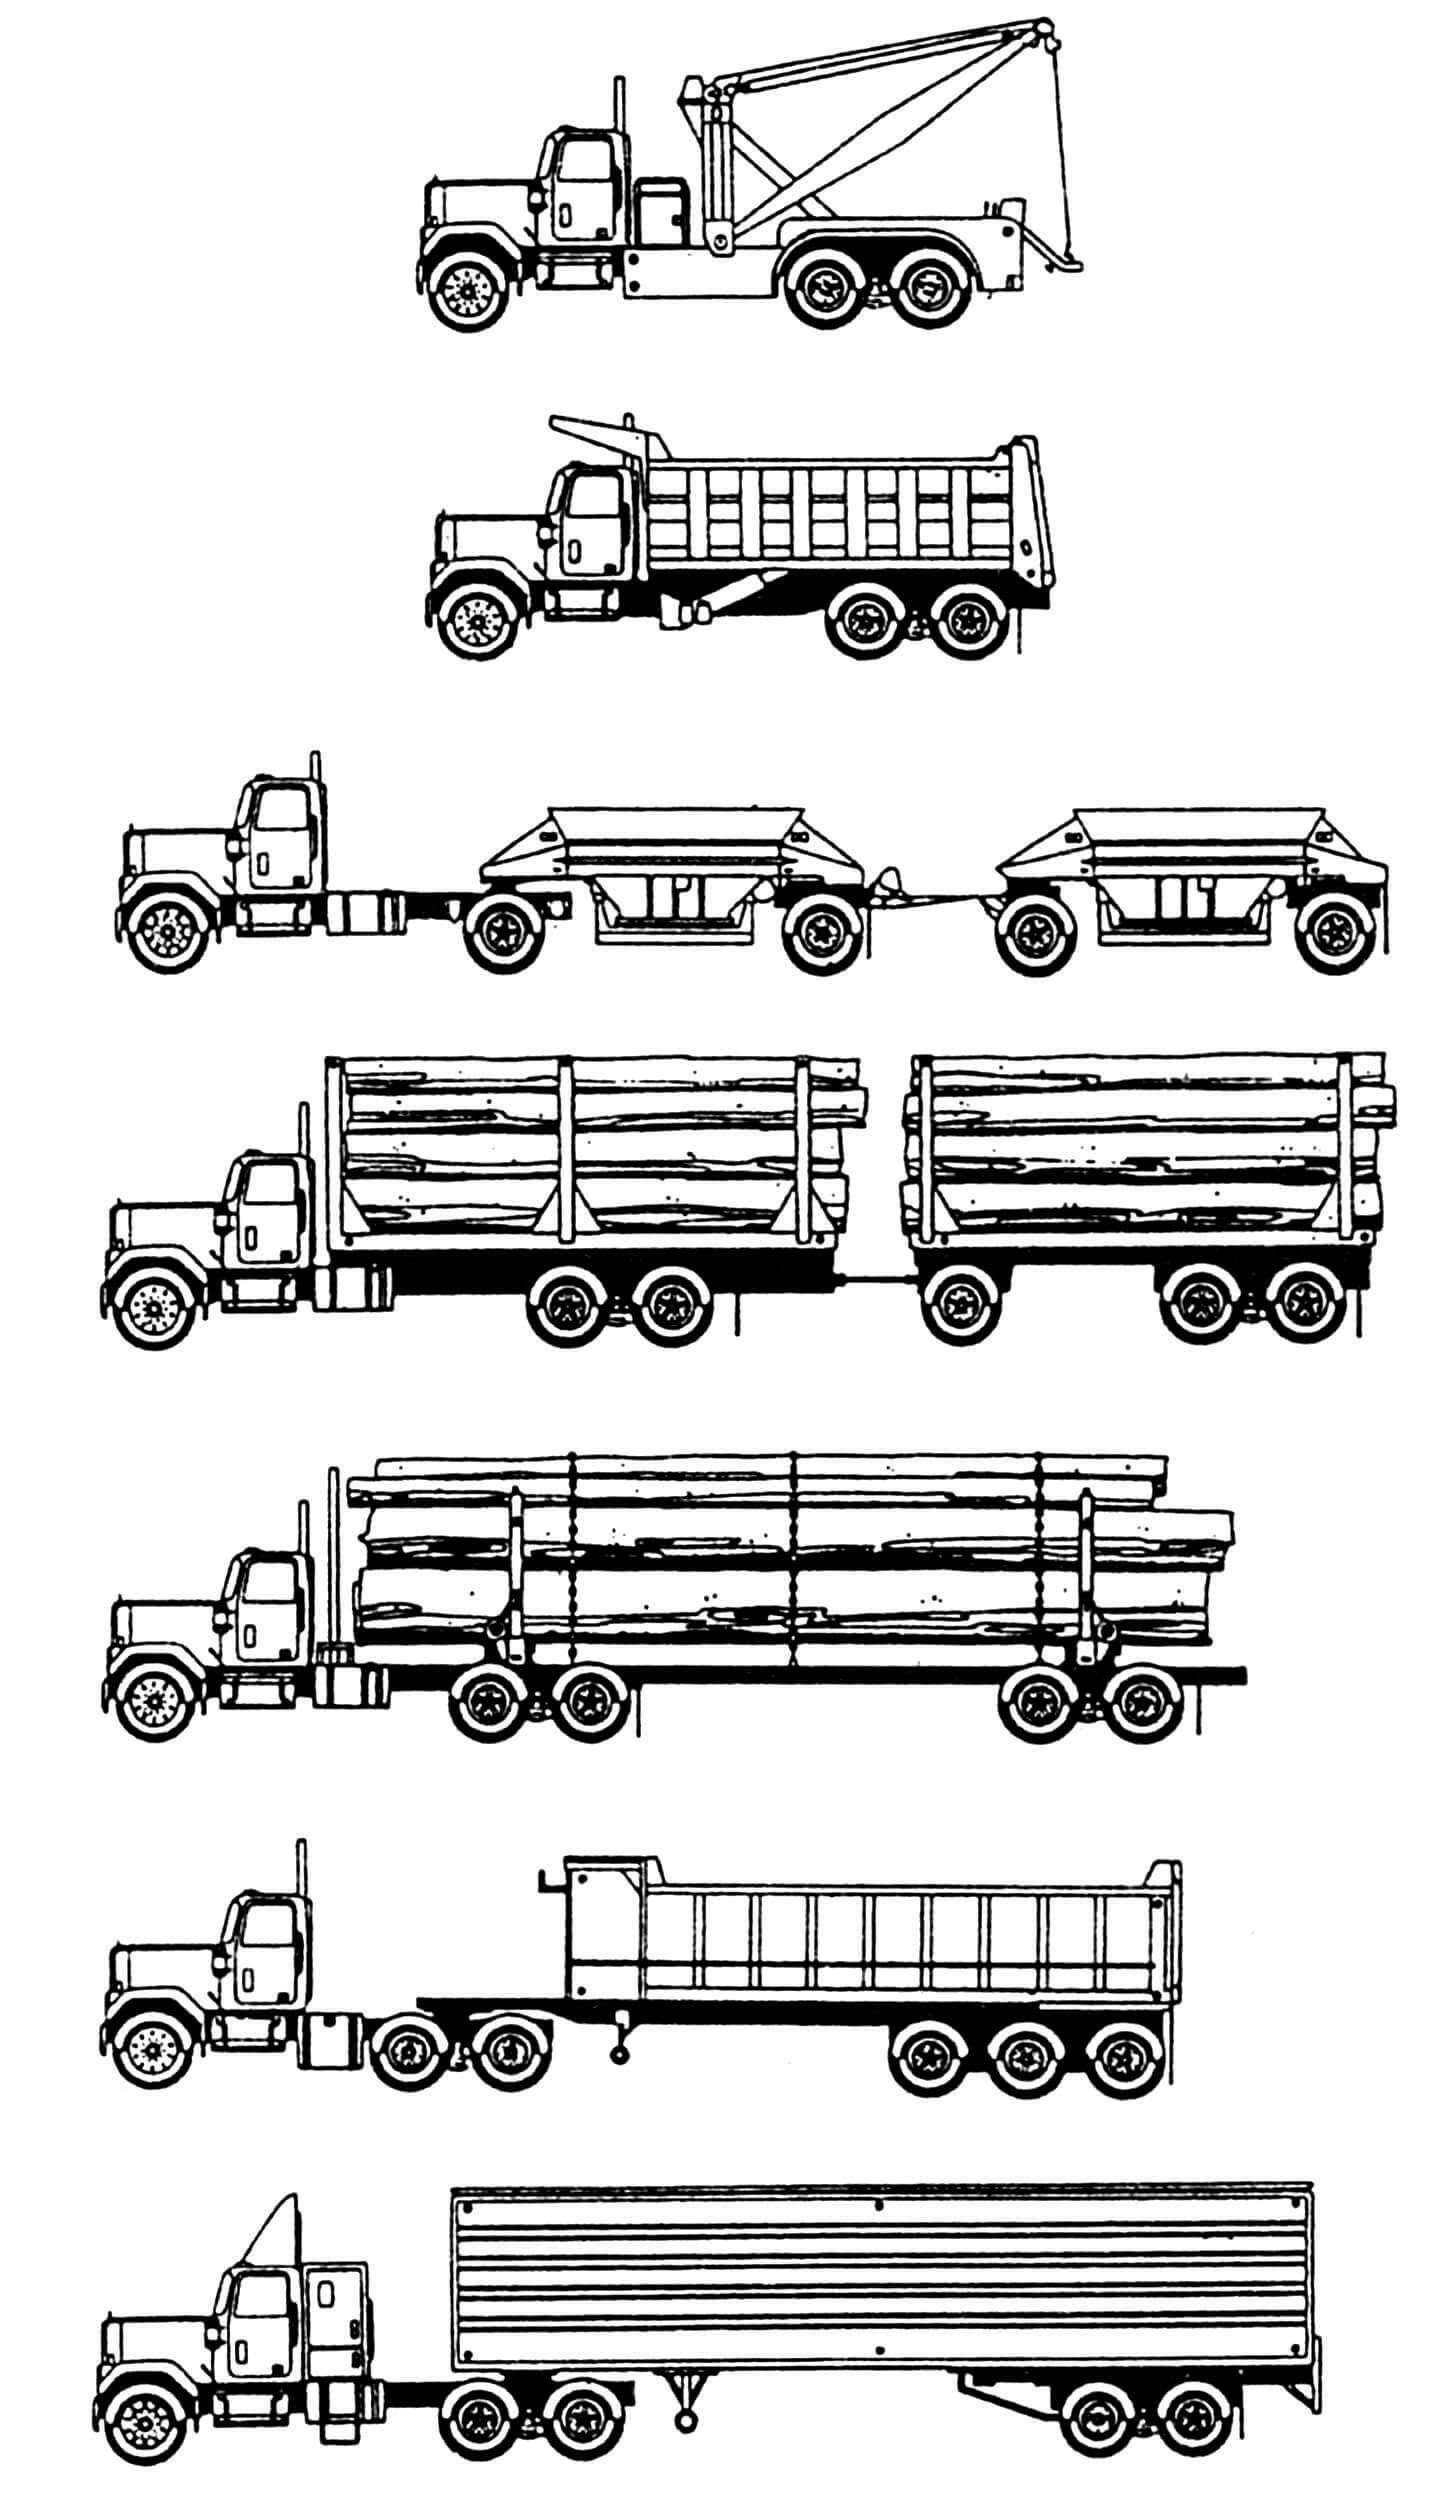 Возможные варианты компоновки автомобилей (оперение длинное).